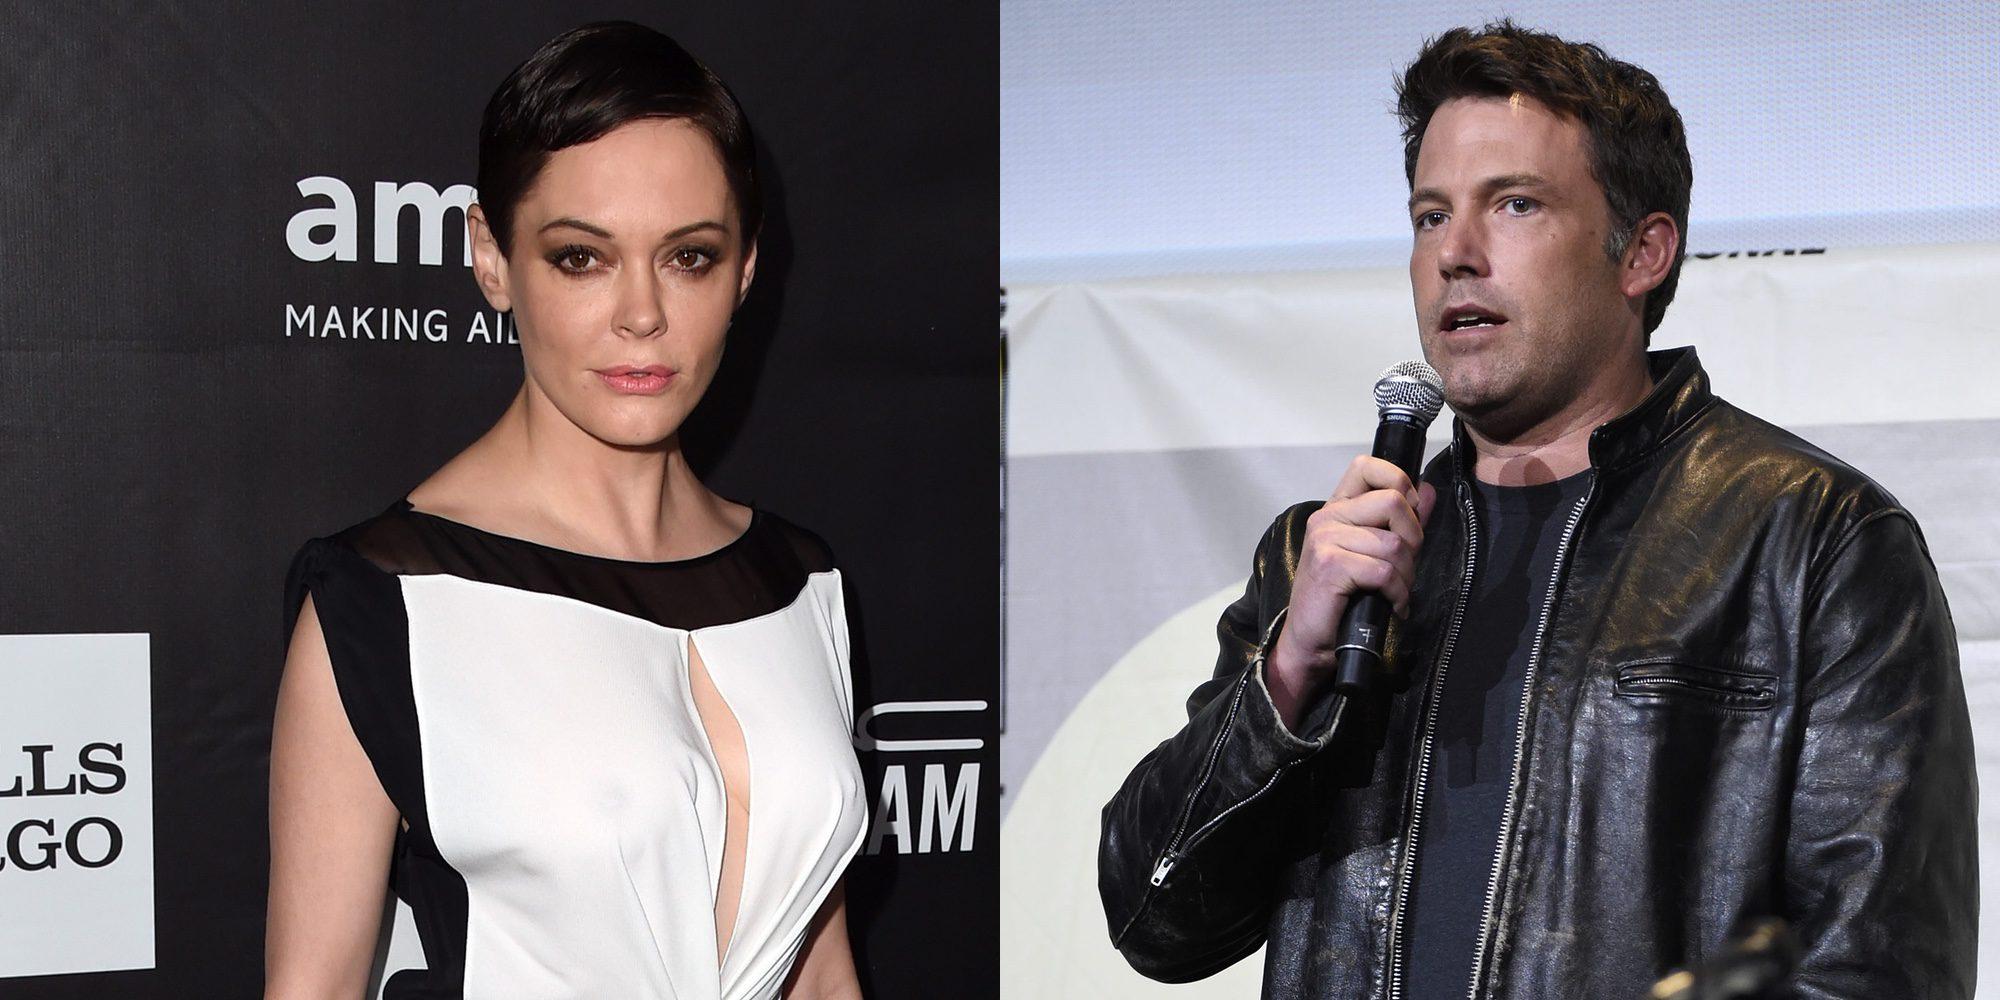 Ben Affleck niega que Rose McGowan le confesara los abusos sexuales de Harvey Weinstein